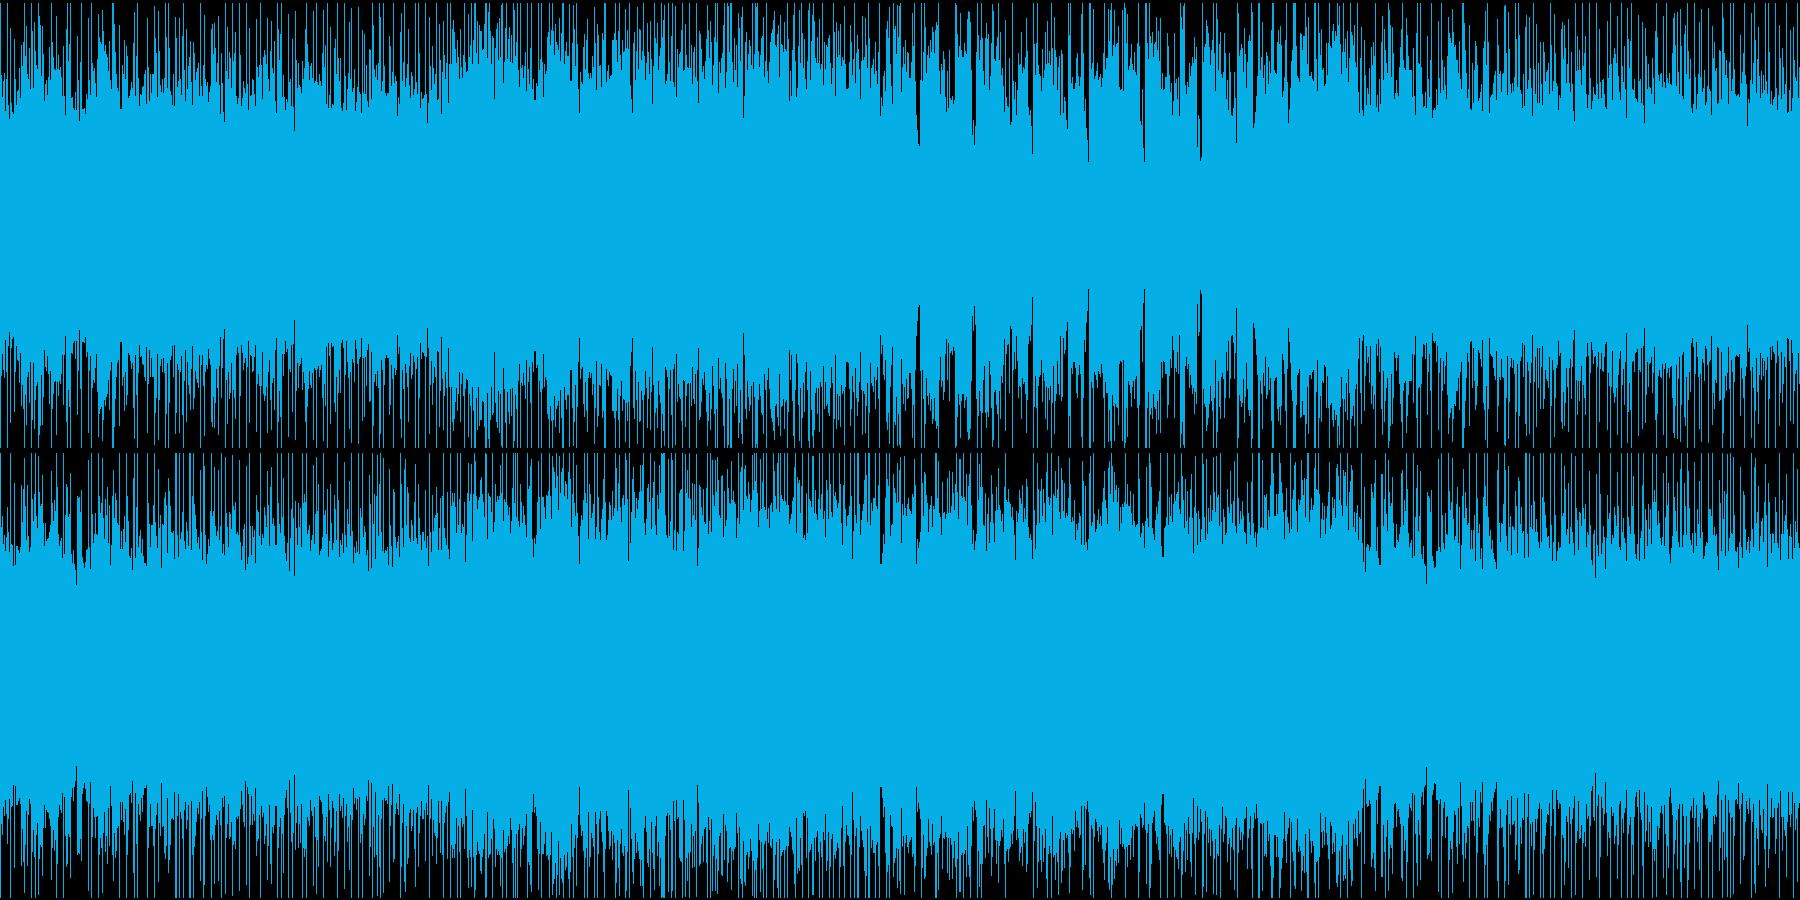 少しあやしげなヘヴィロックのギターリフの再生済みの波形